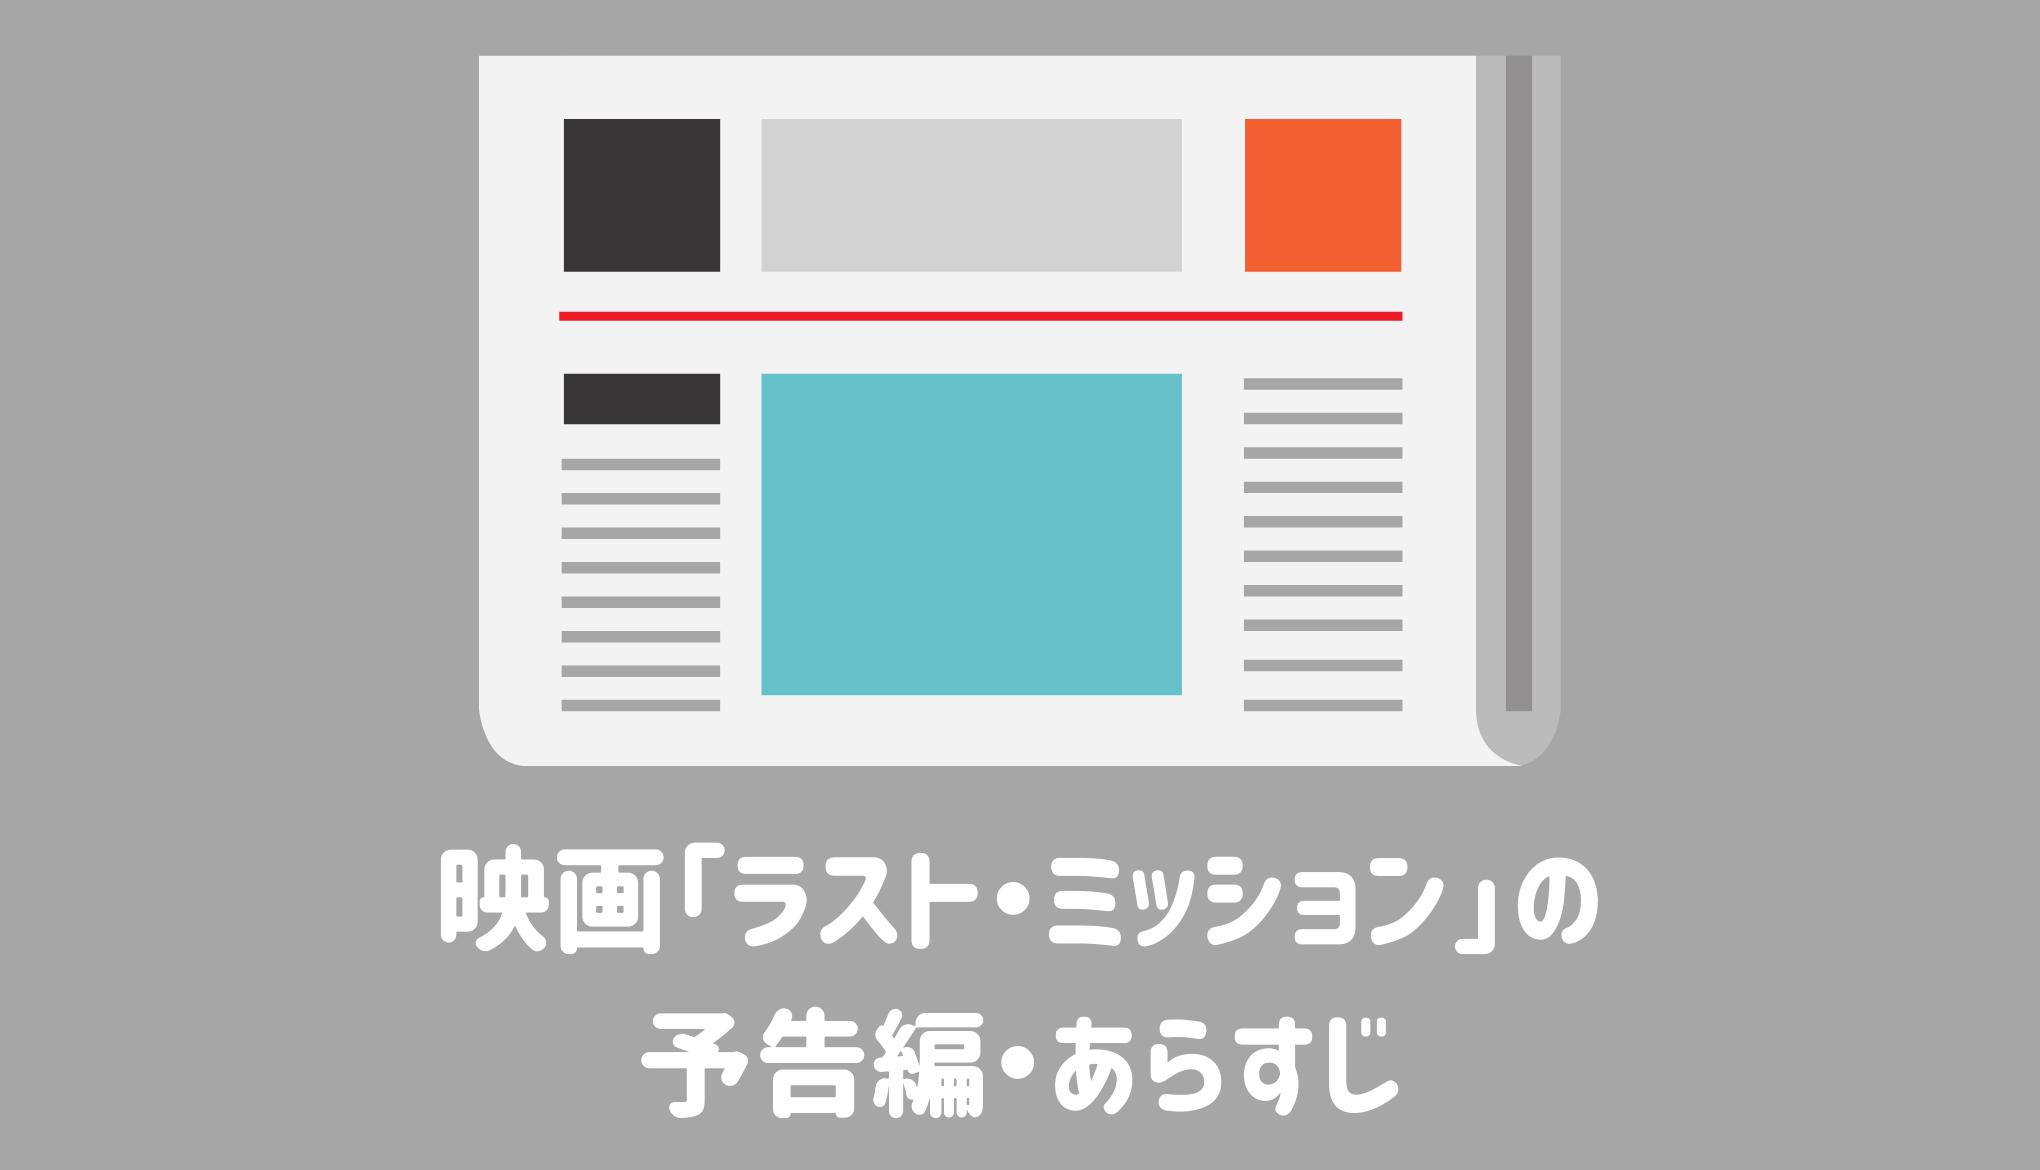 映画「ラスト・ミッション」の予告編・あらすじ